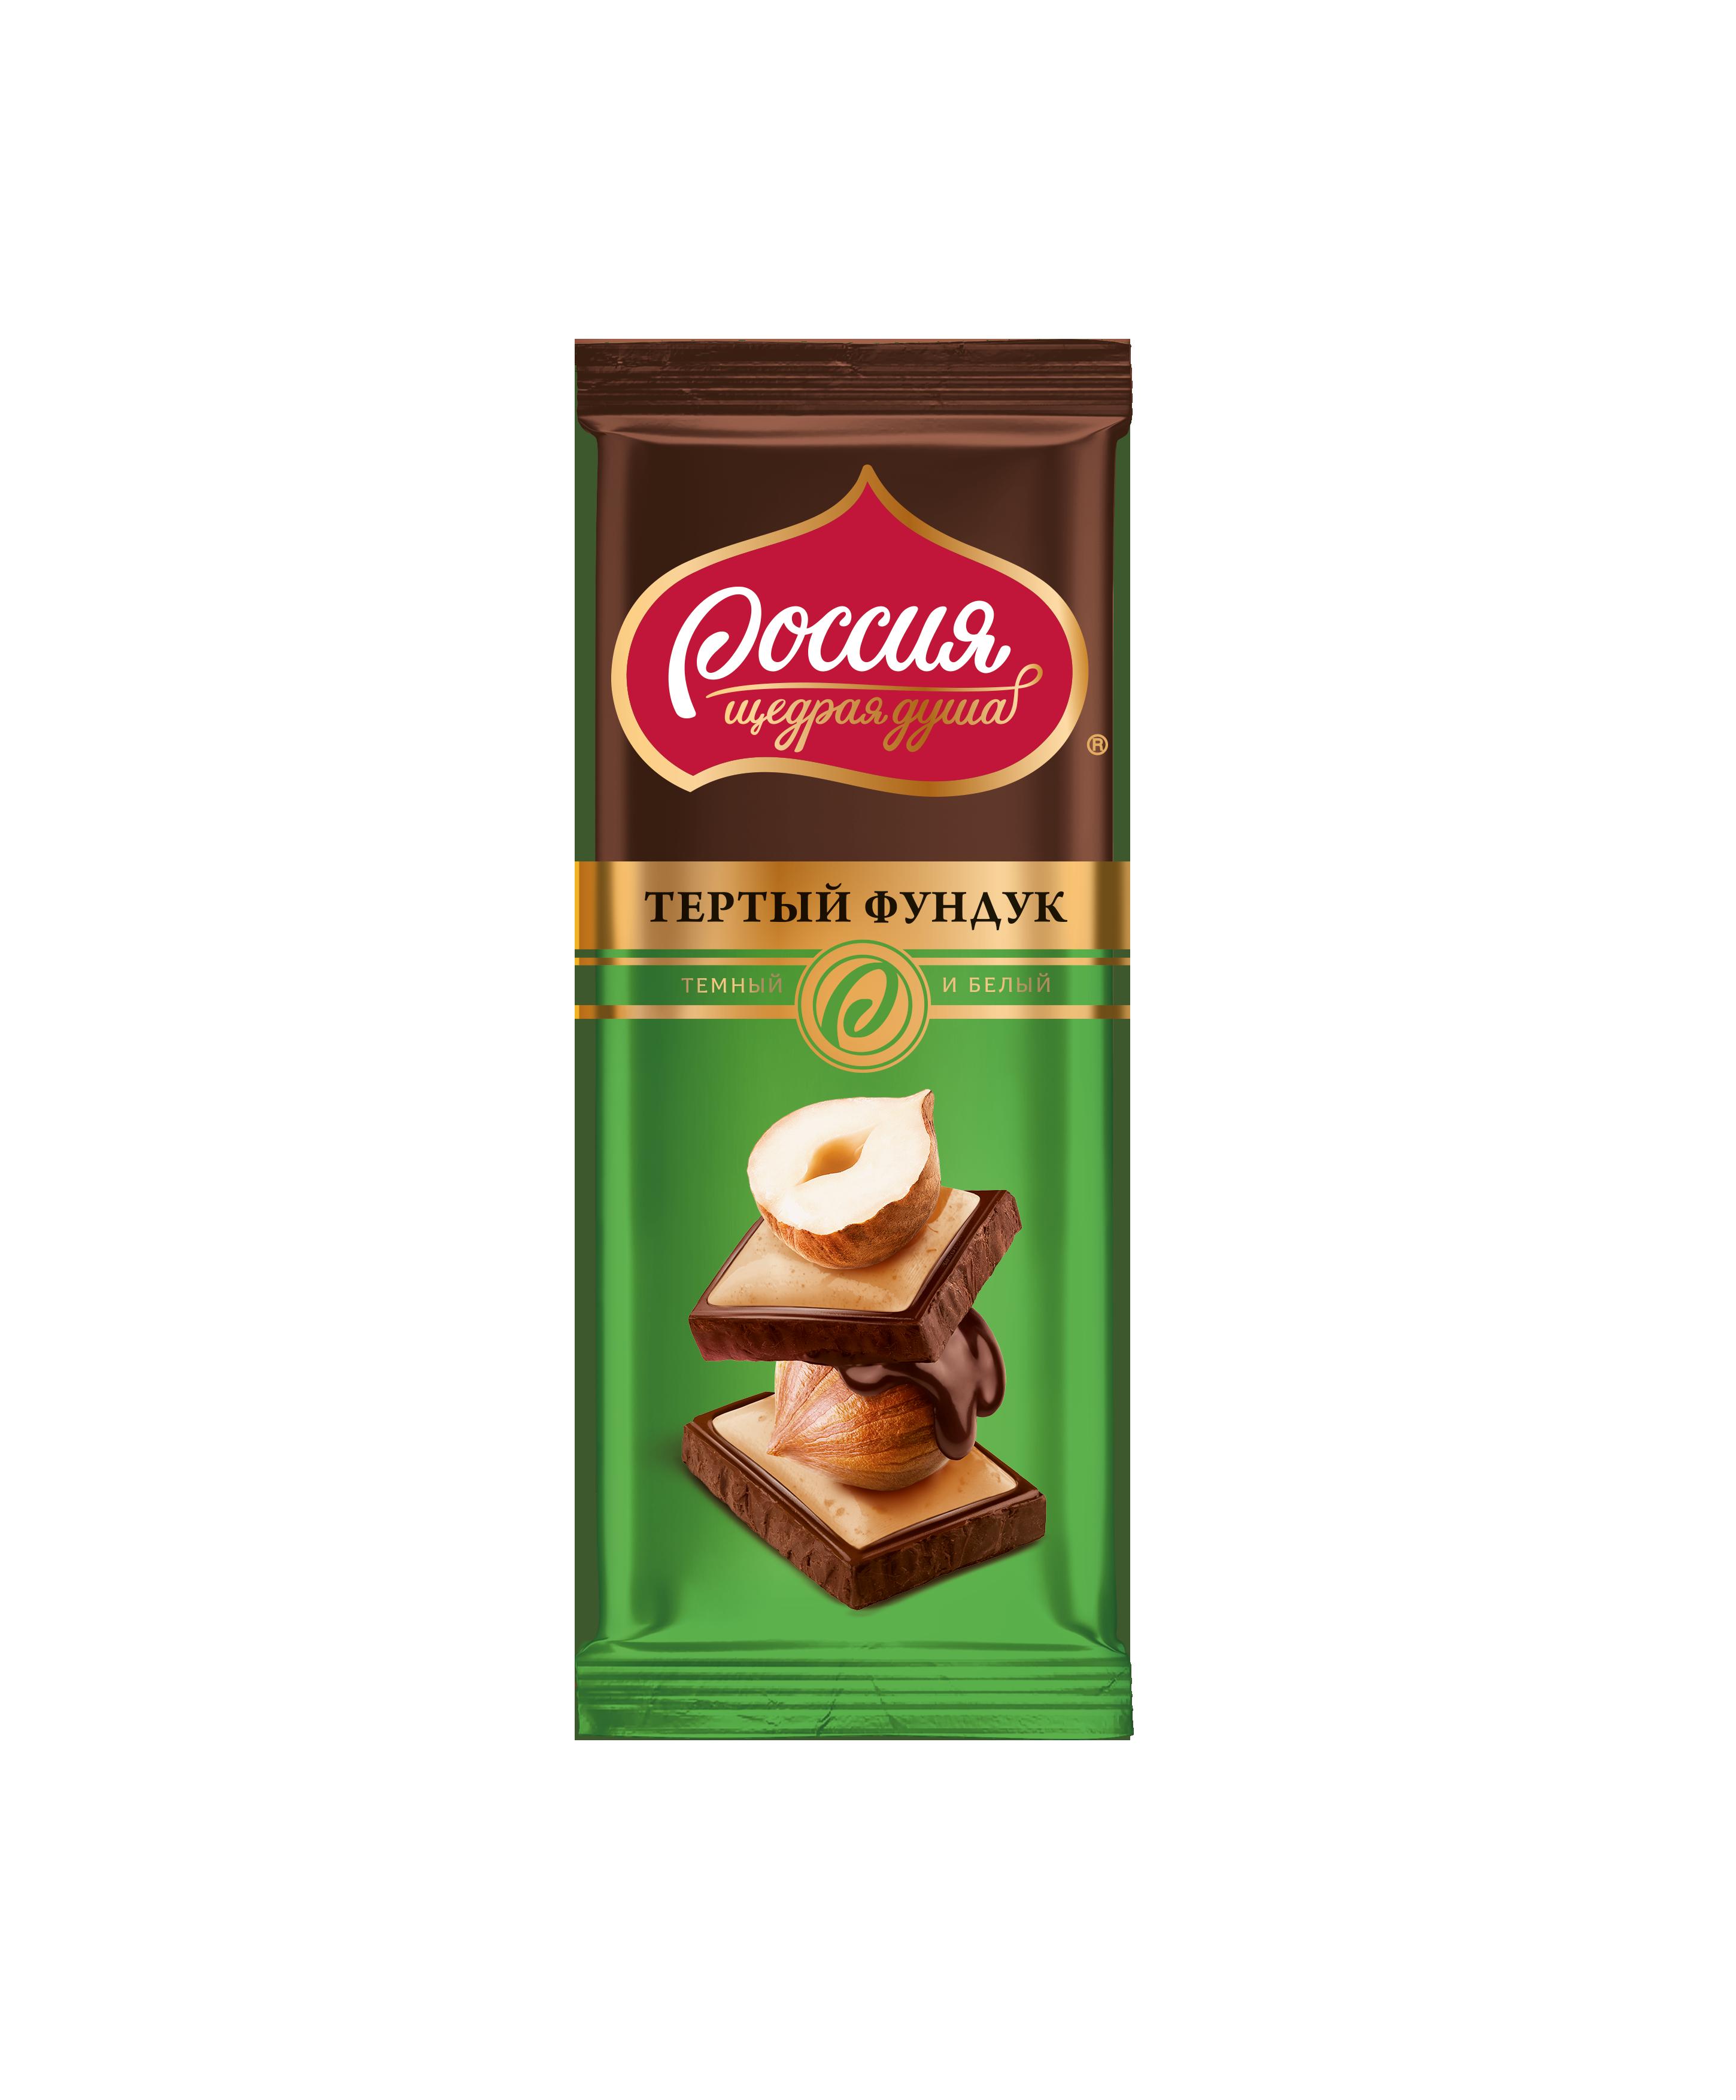 Шоколад темный и белый Россия щедрая душа с фундуком 85 г